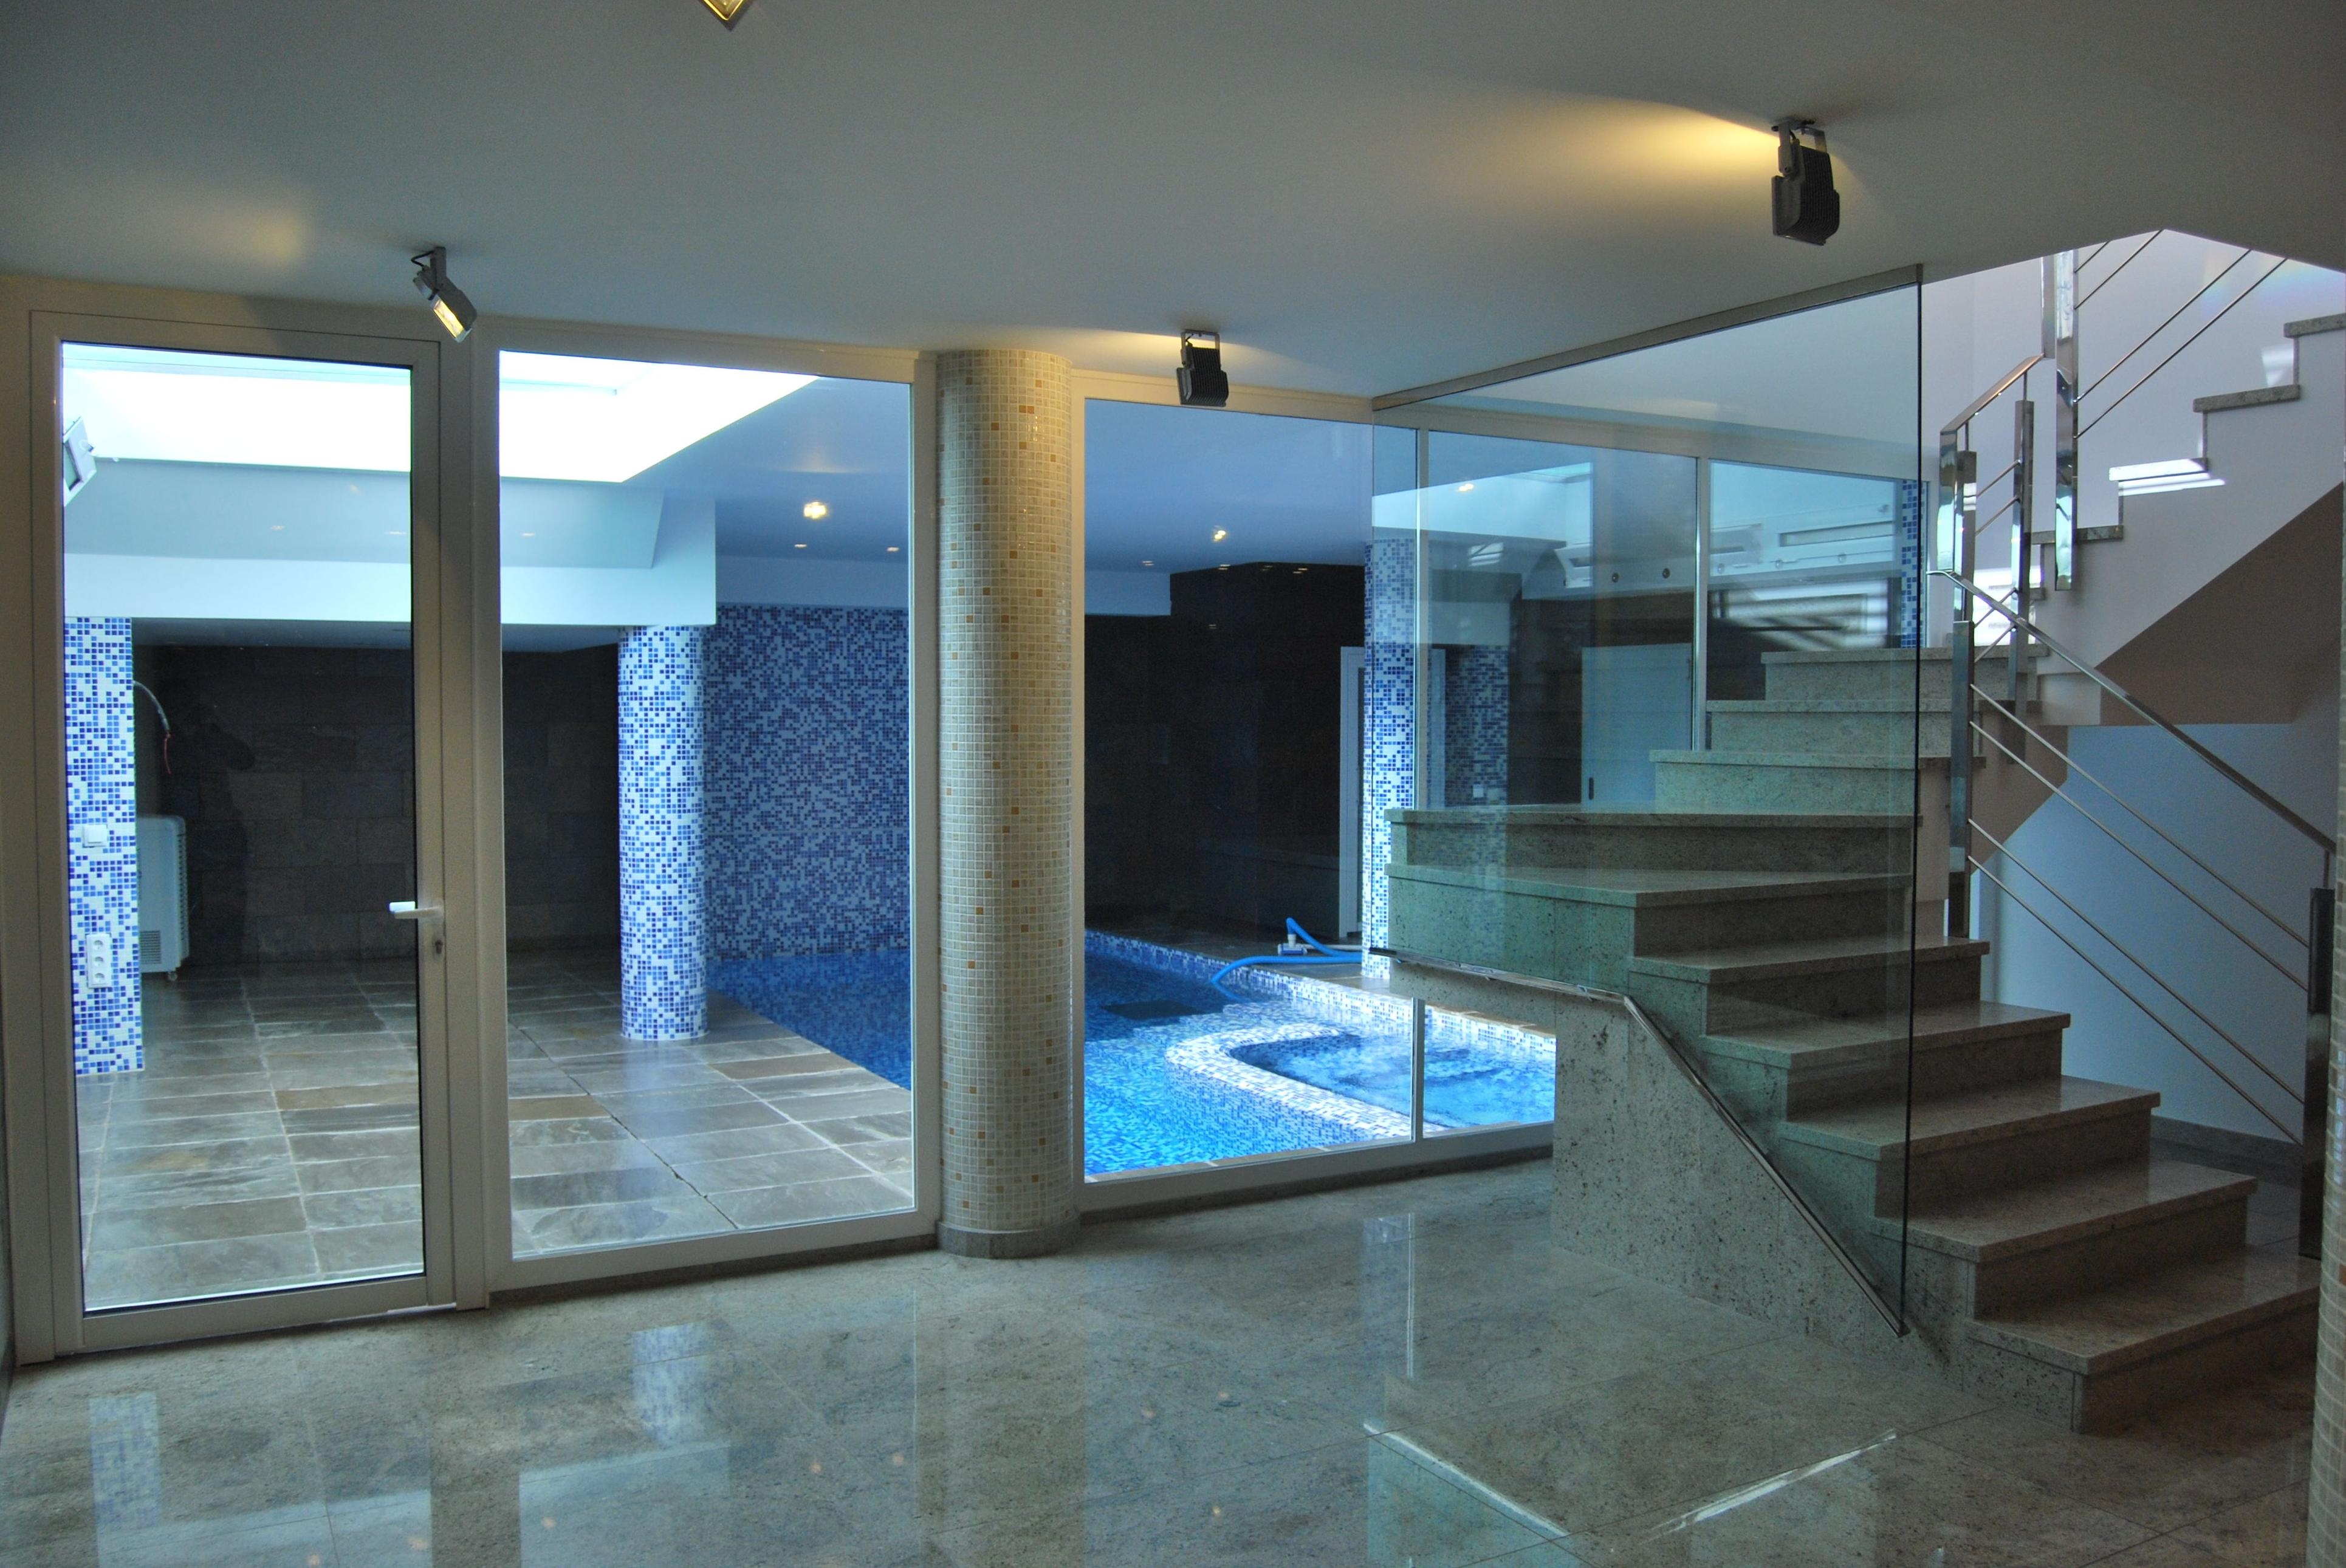 Cerramientos de aluminio con rotura de puente termico para piscina climatizada fabricados por Rafelmetal